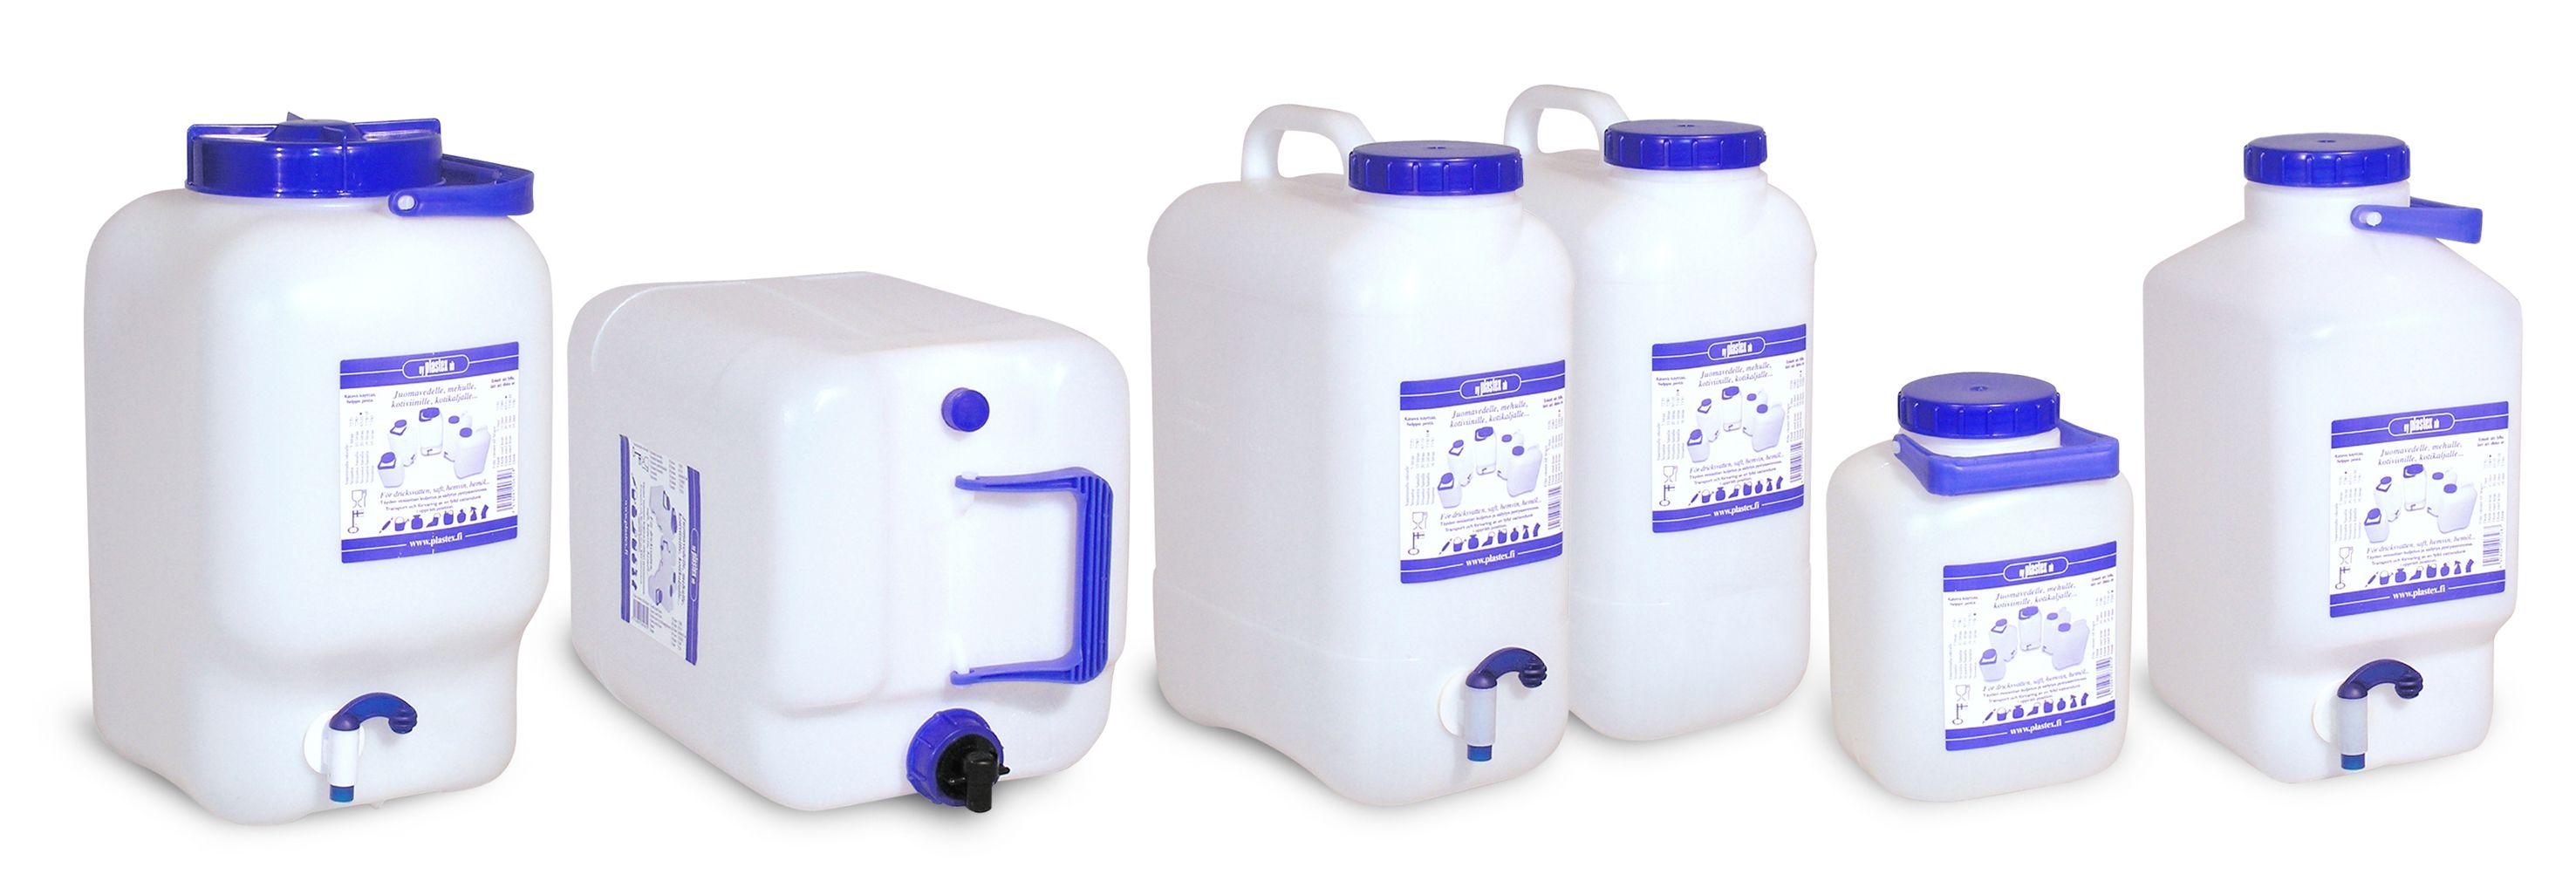 Suomessa valmistetut turvalliset vesiastiat mökkeilyyn ja muuhun juomaveden kuljettamiseen. Water containers. Made in Finland.